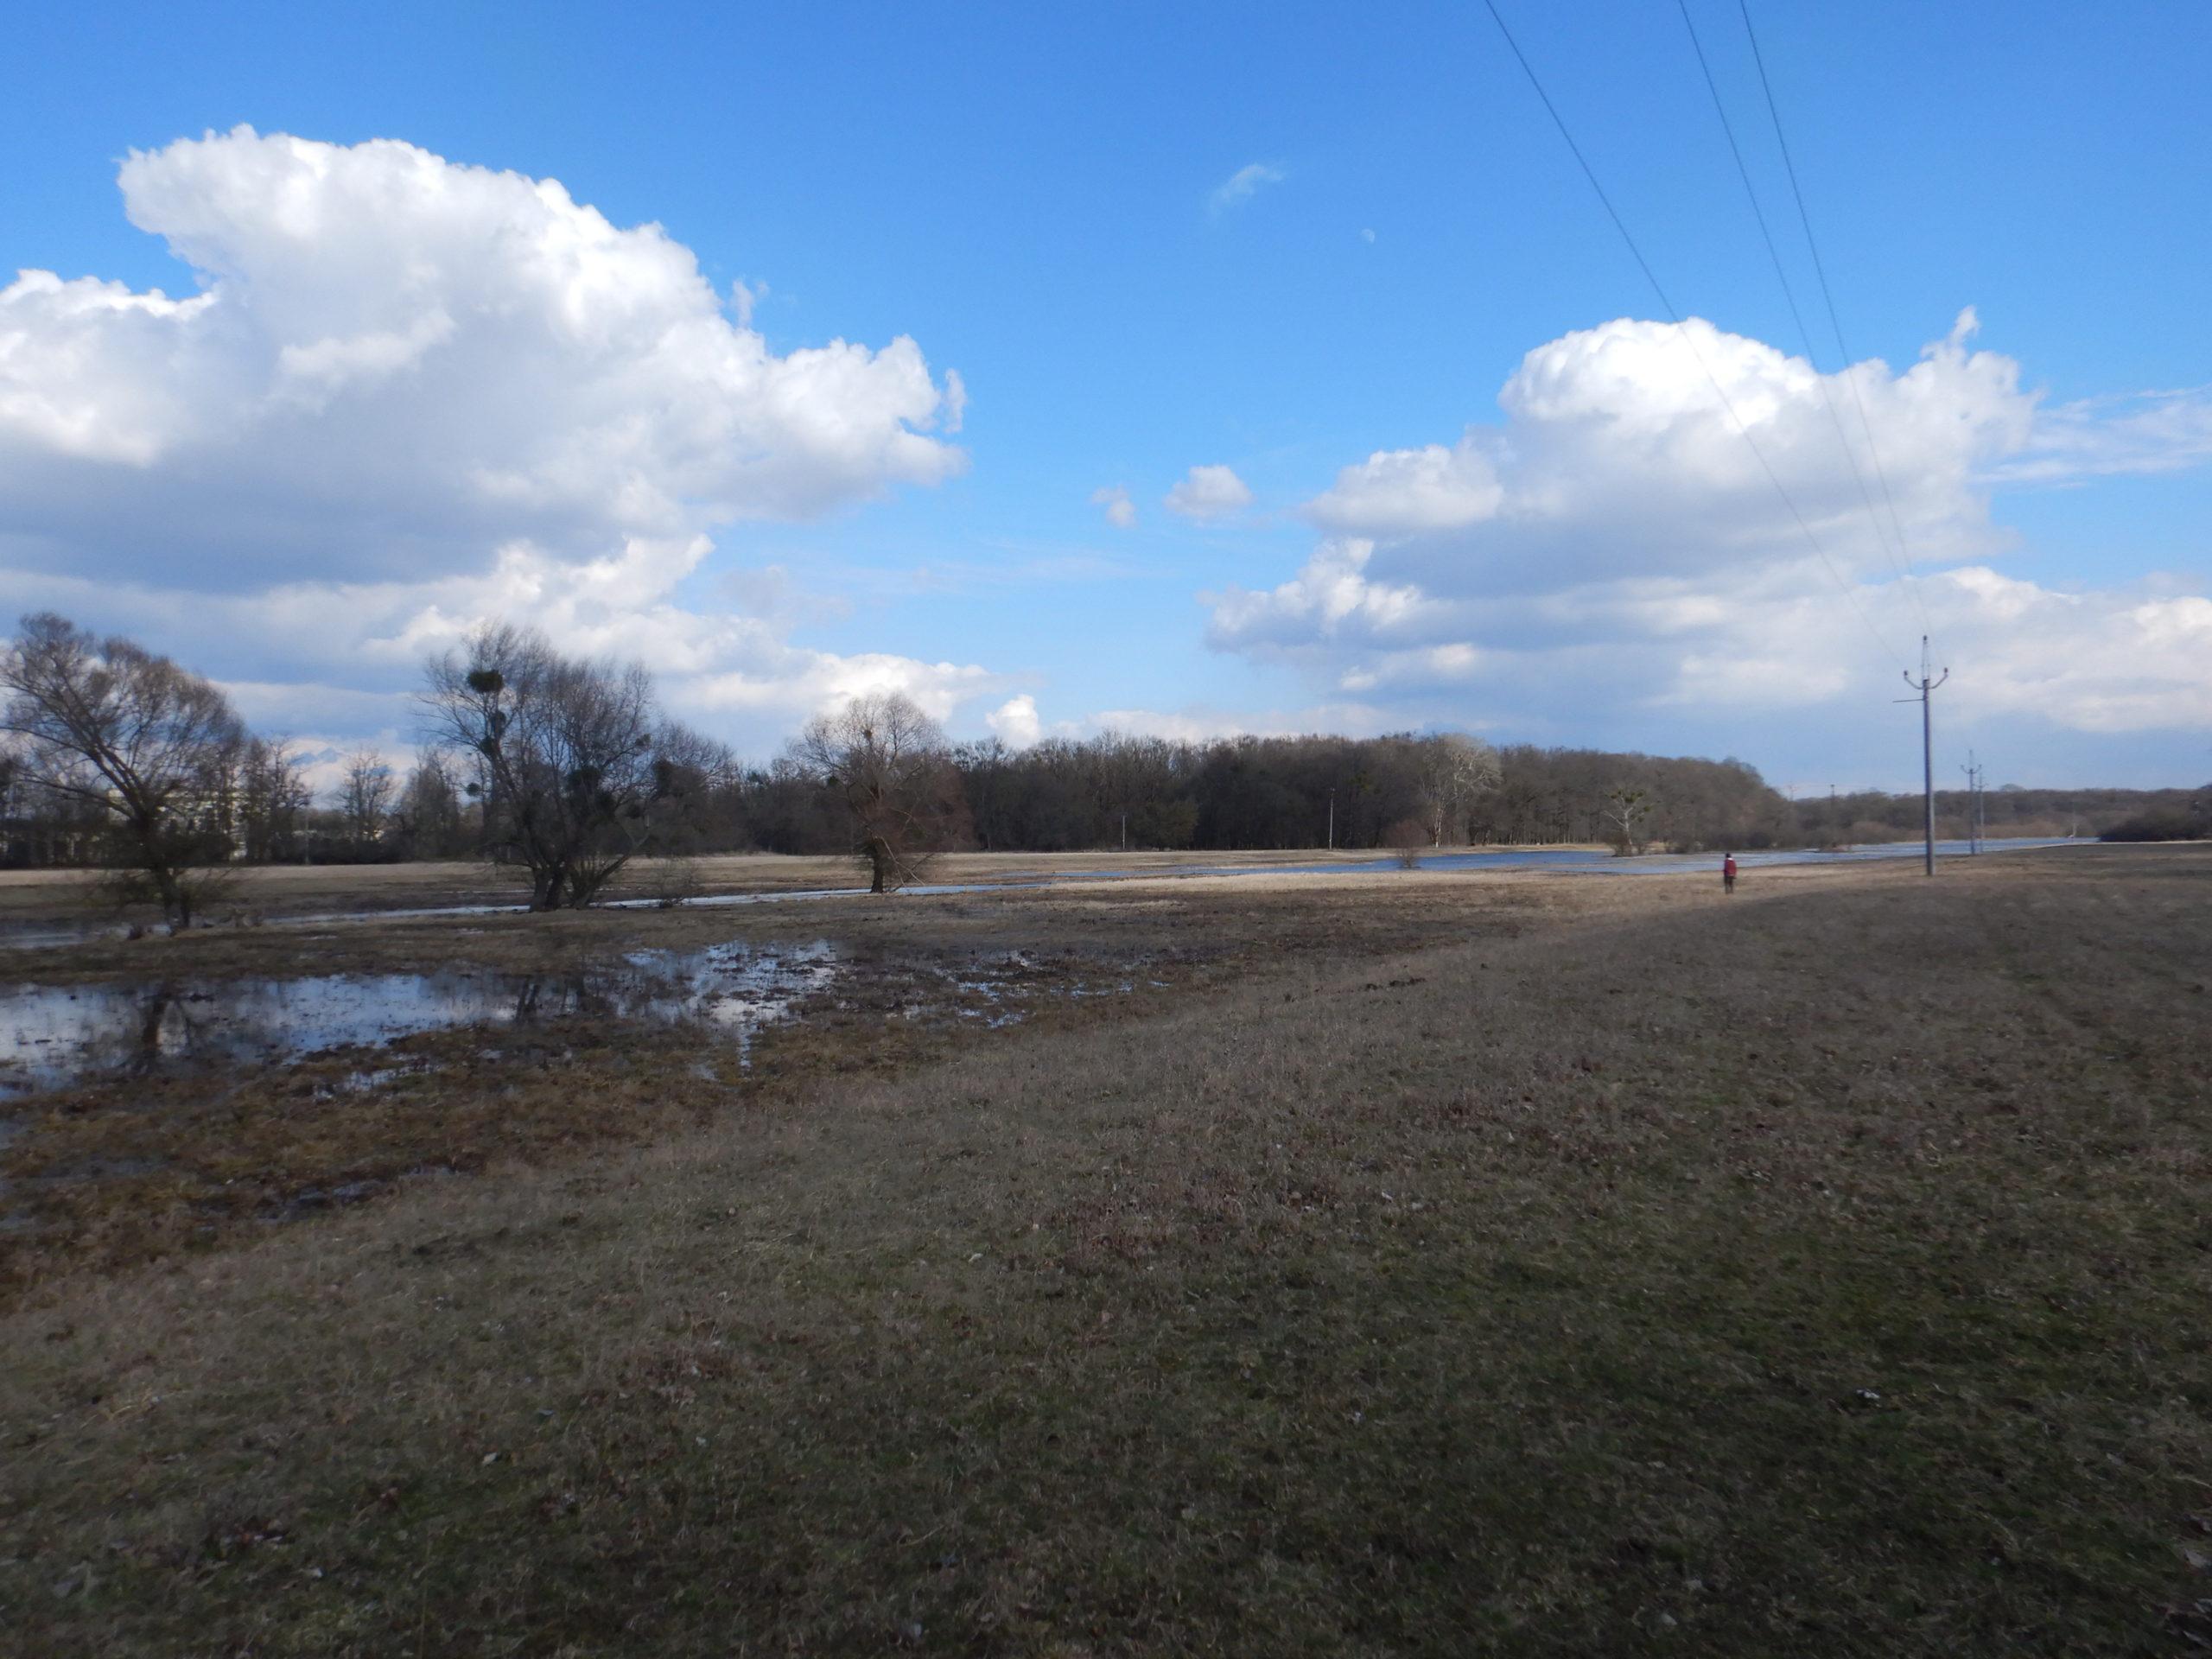 Povodňování – luh při soutoku Moravy a Dyje1 min čtení